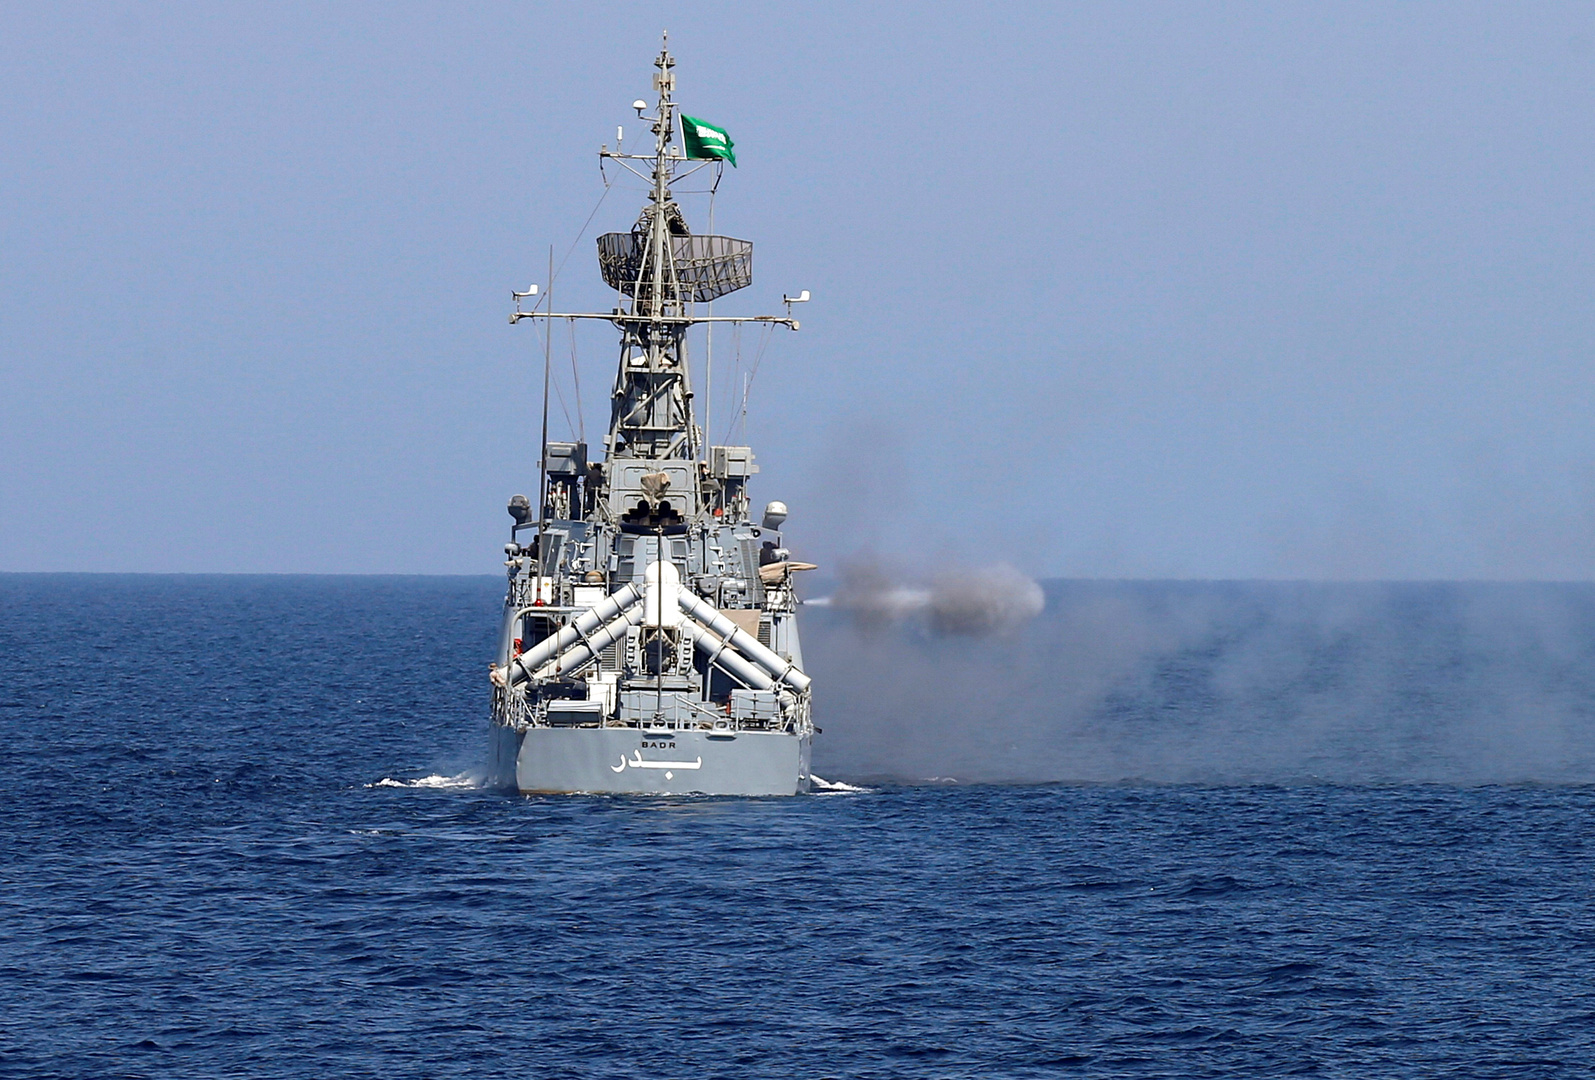 مناورات بحرية أمريكية - سعودية في مياه الخليج